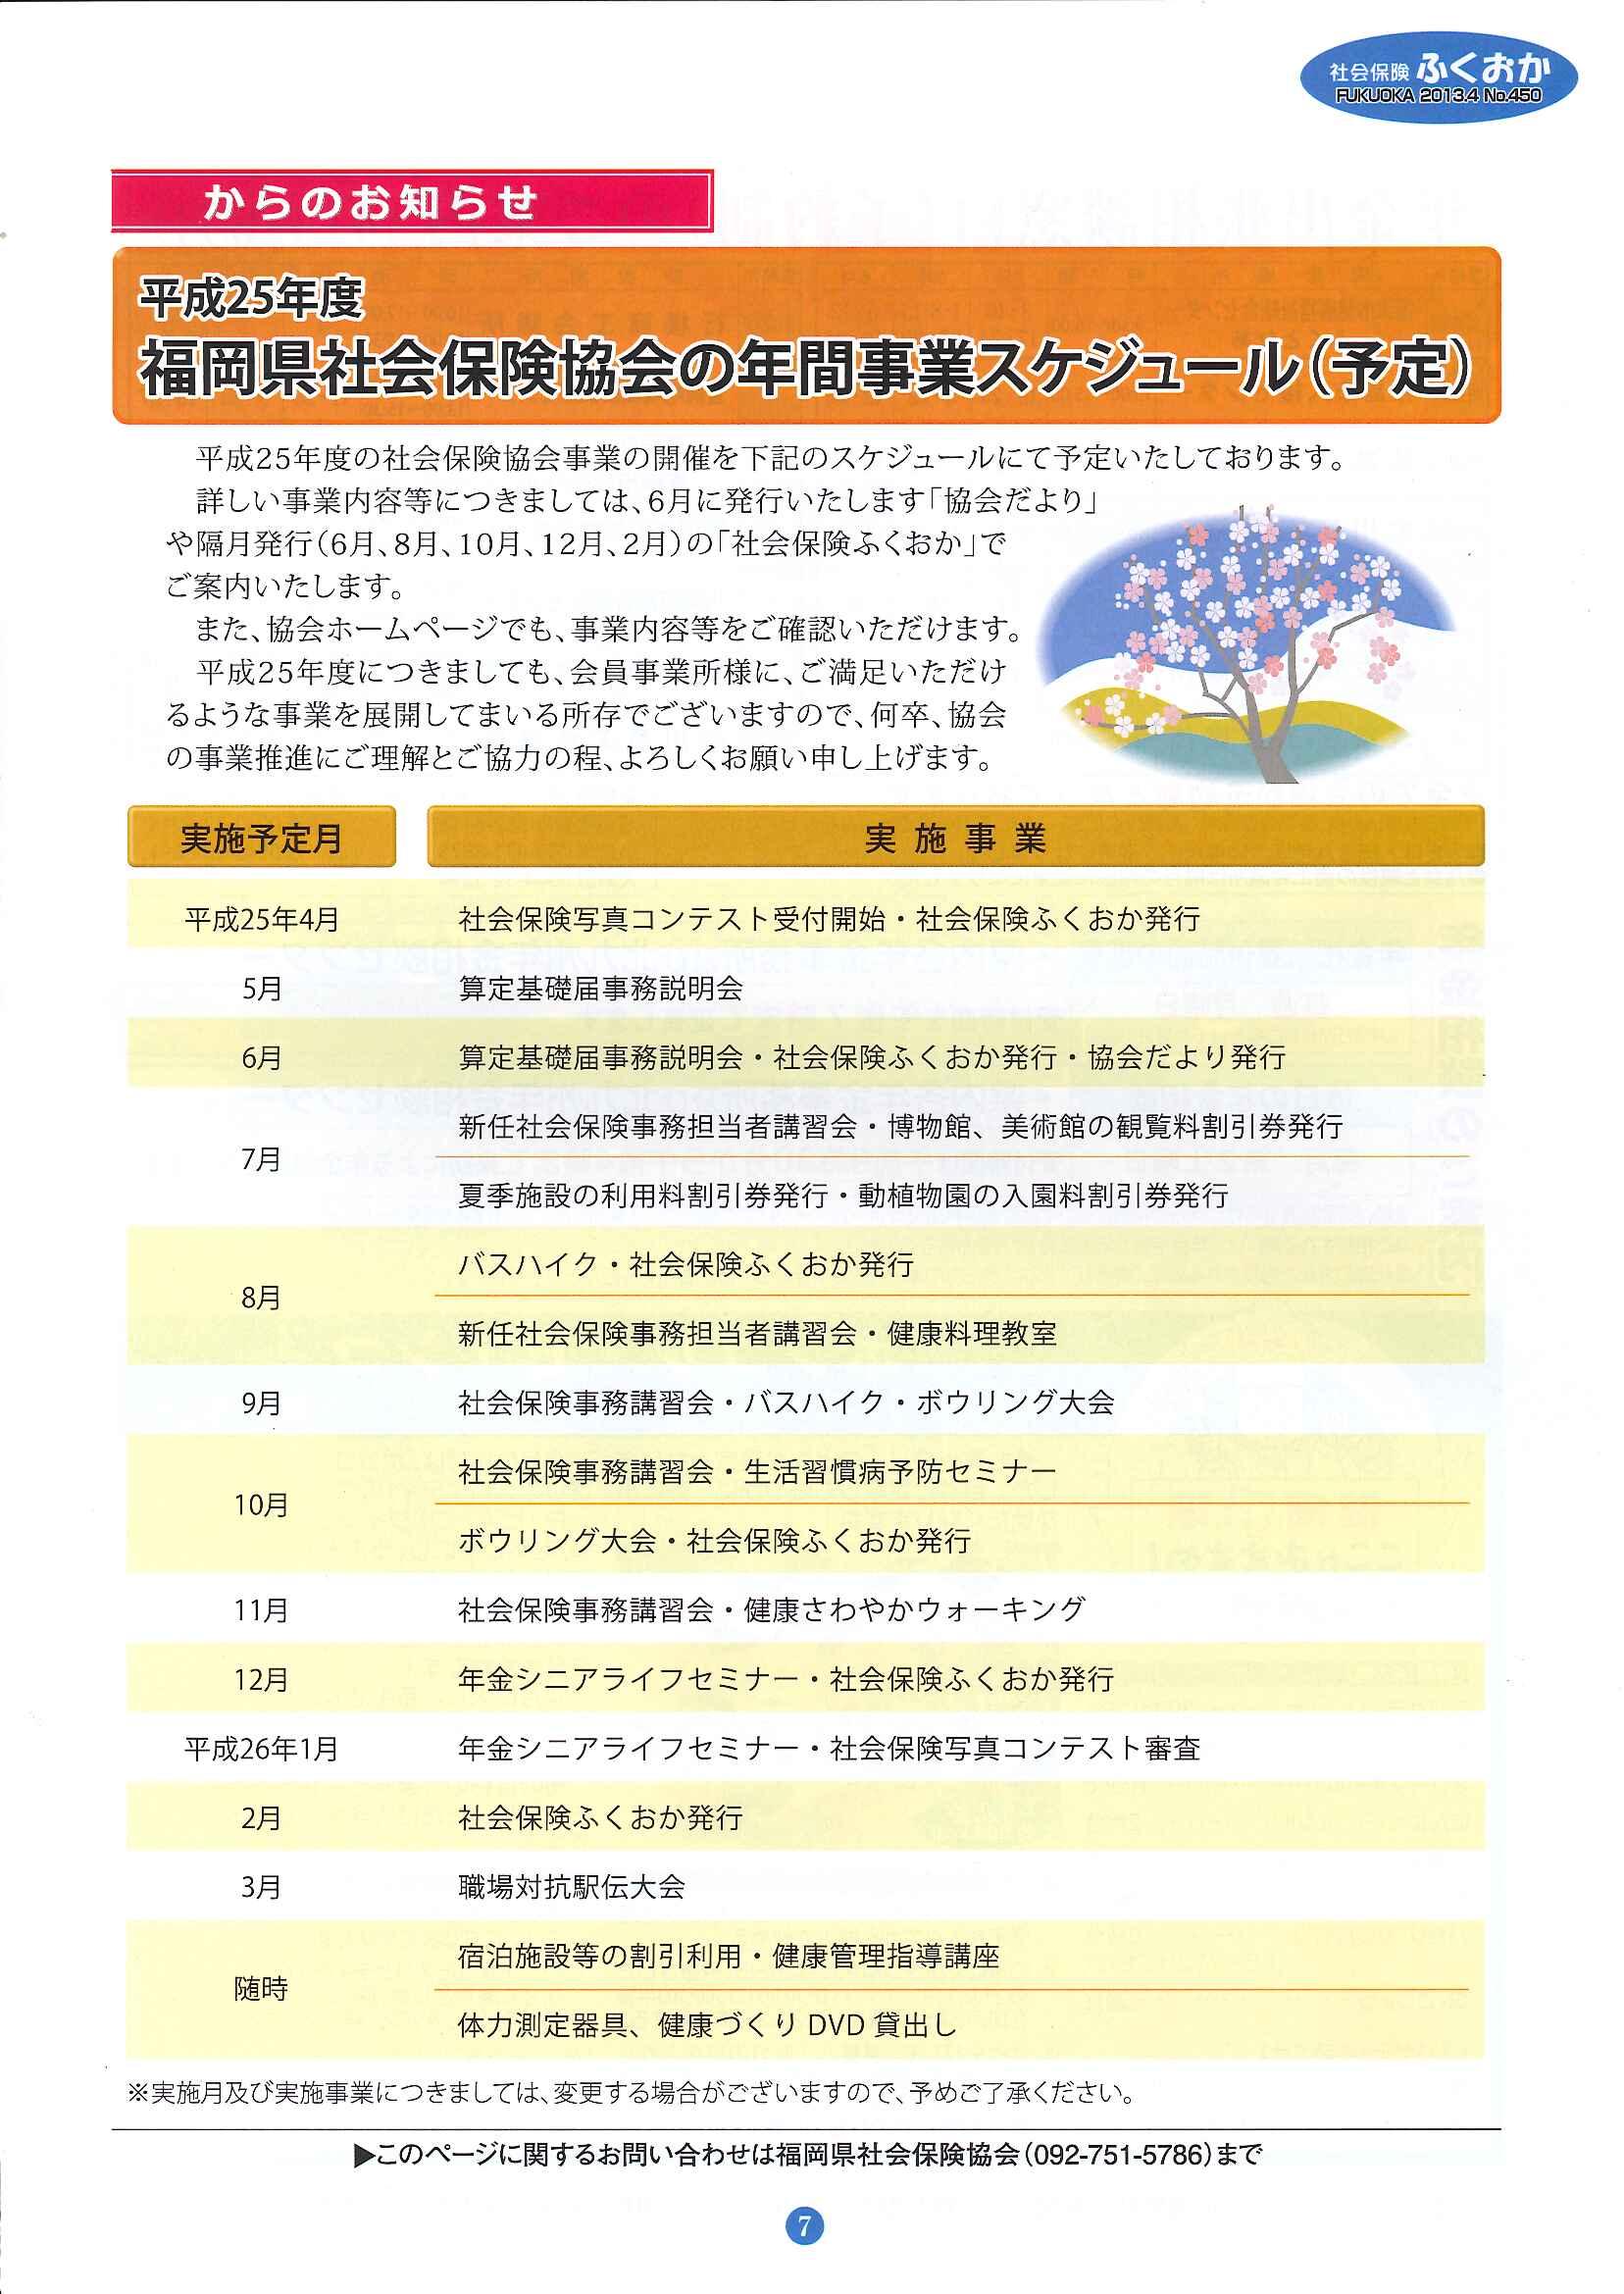 社会保険 「ふくおか」 2013年4月号_f0120774_15303084.jpg